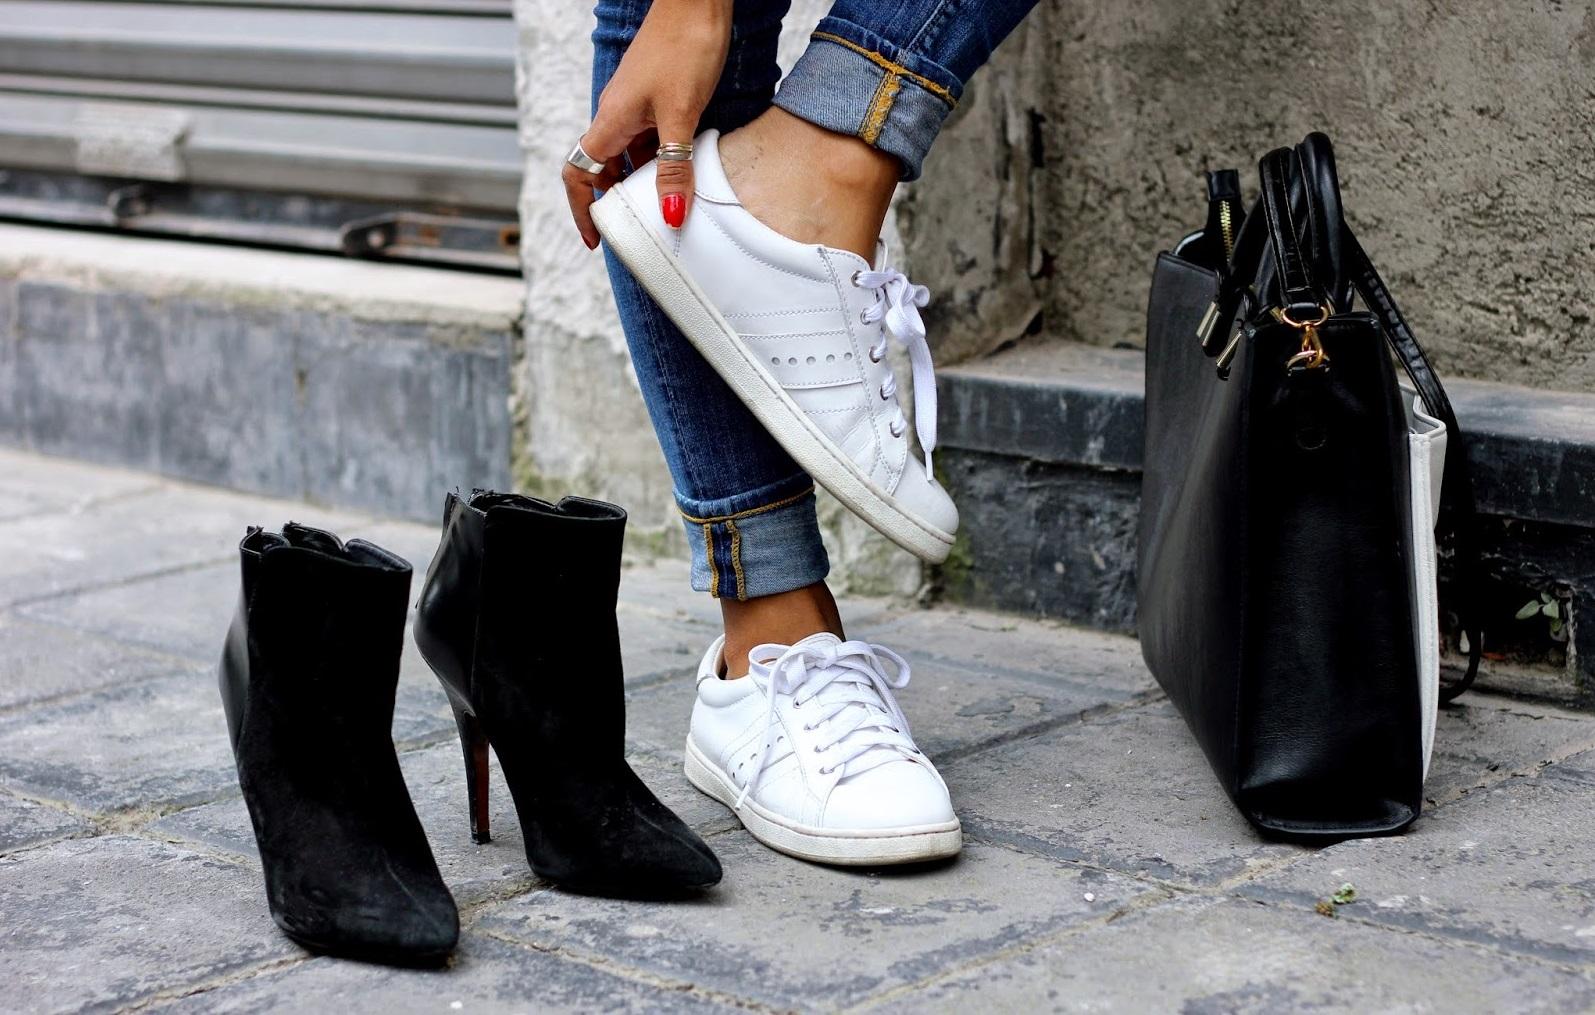 Sai abbinare le scarpe ai pantaloni? [TEST]